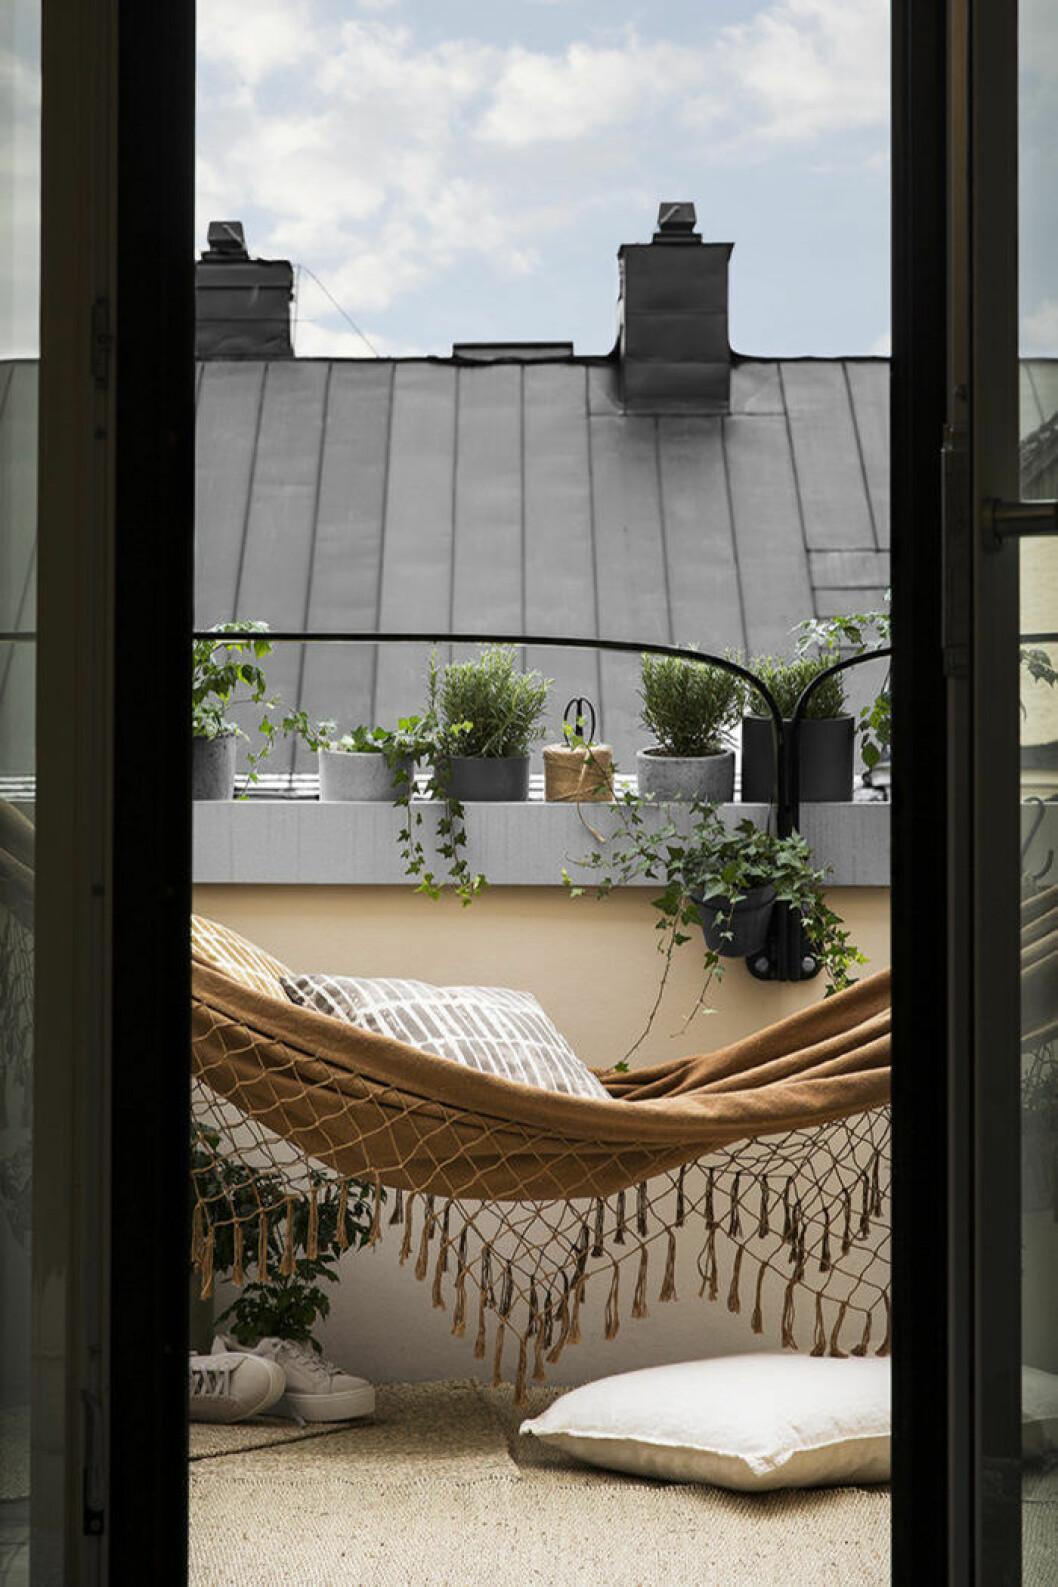 Inred snyggt på balkongen genom att tänka på alla nivåer –från golv till tak